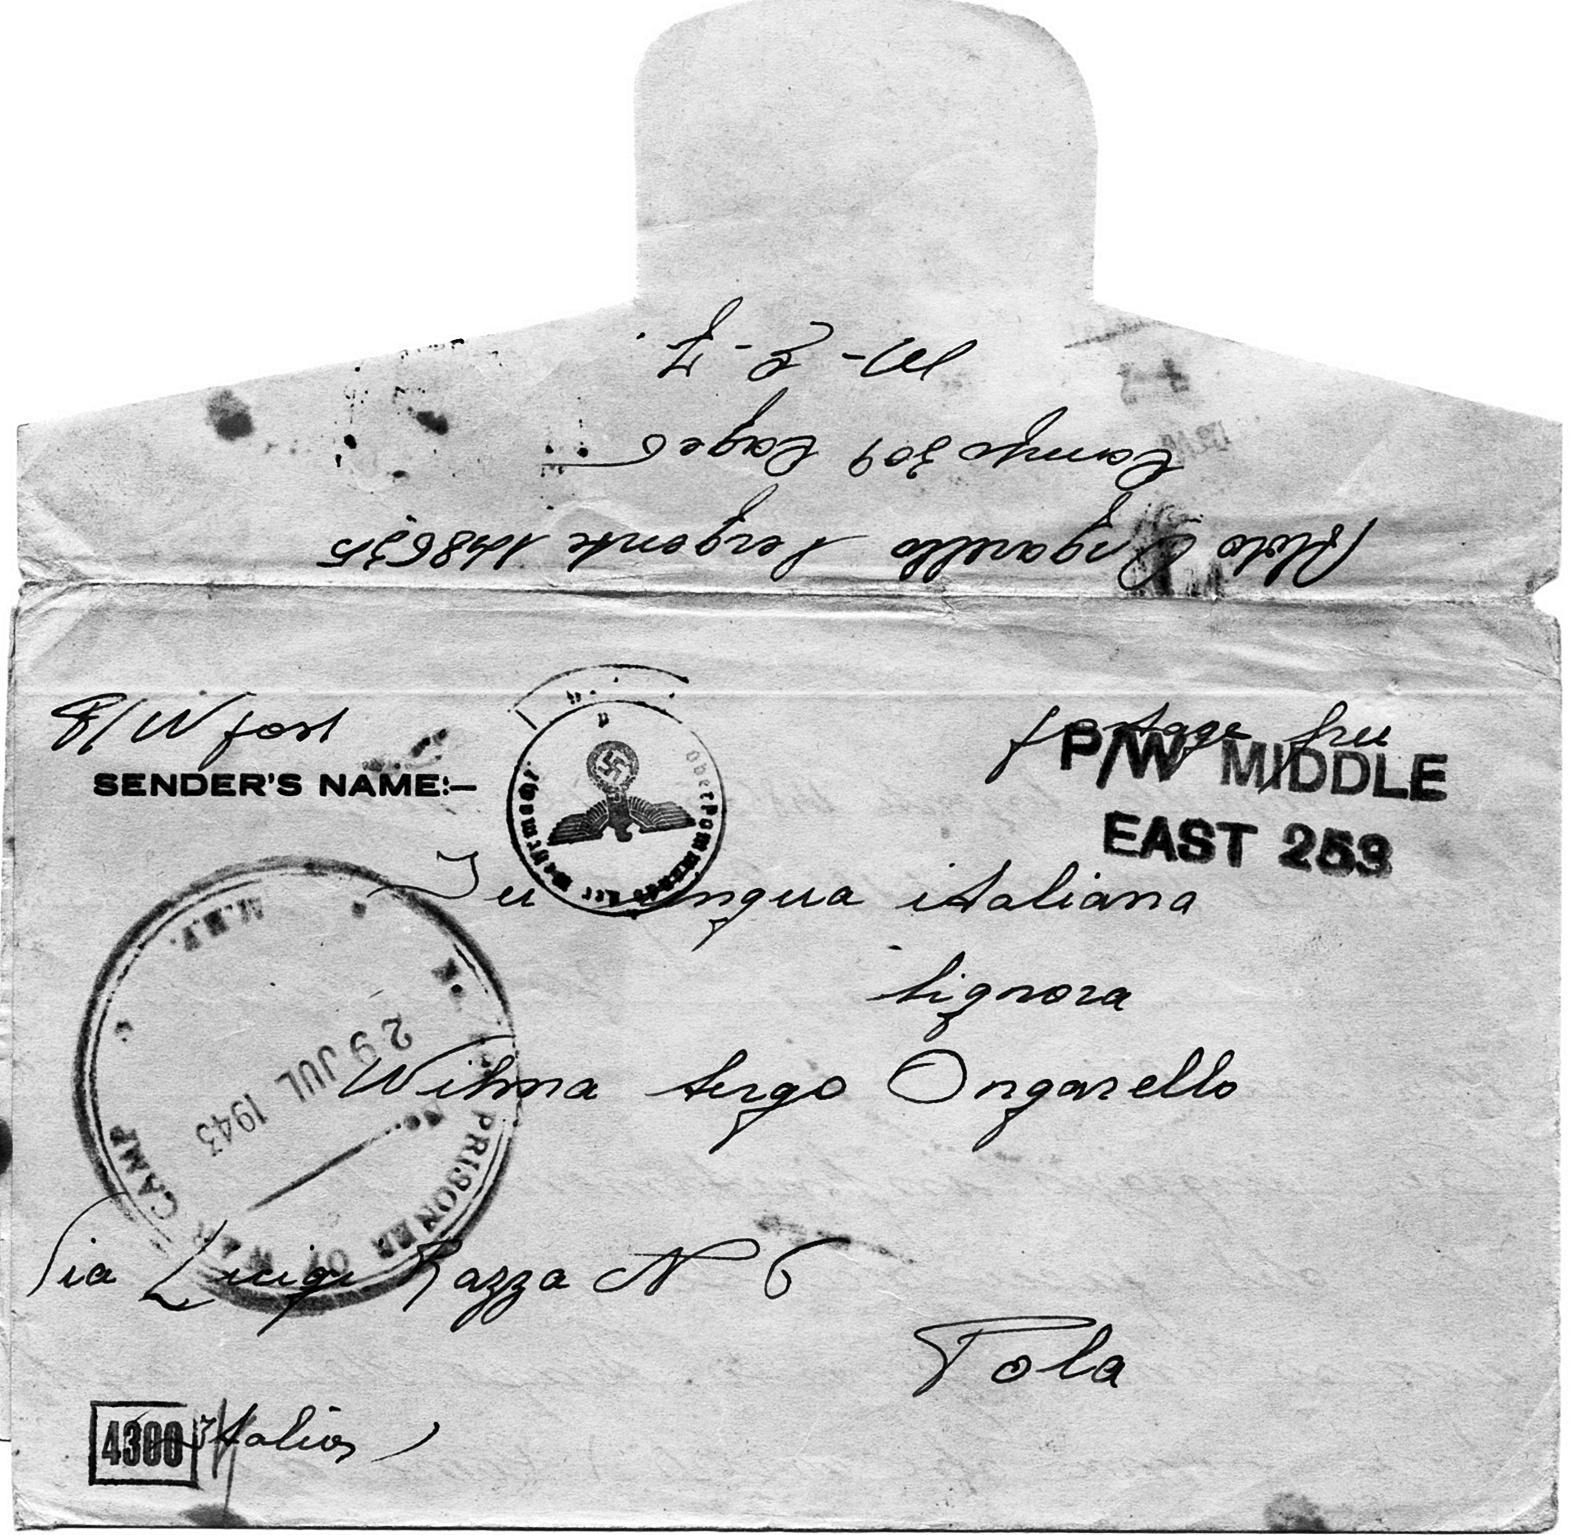 1943, lettera di Aldo Ongarello alla moglie dal Campo di prigionia inglese.